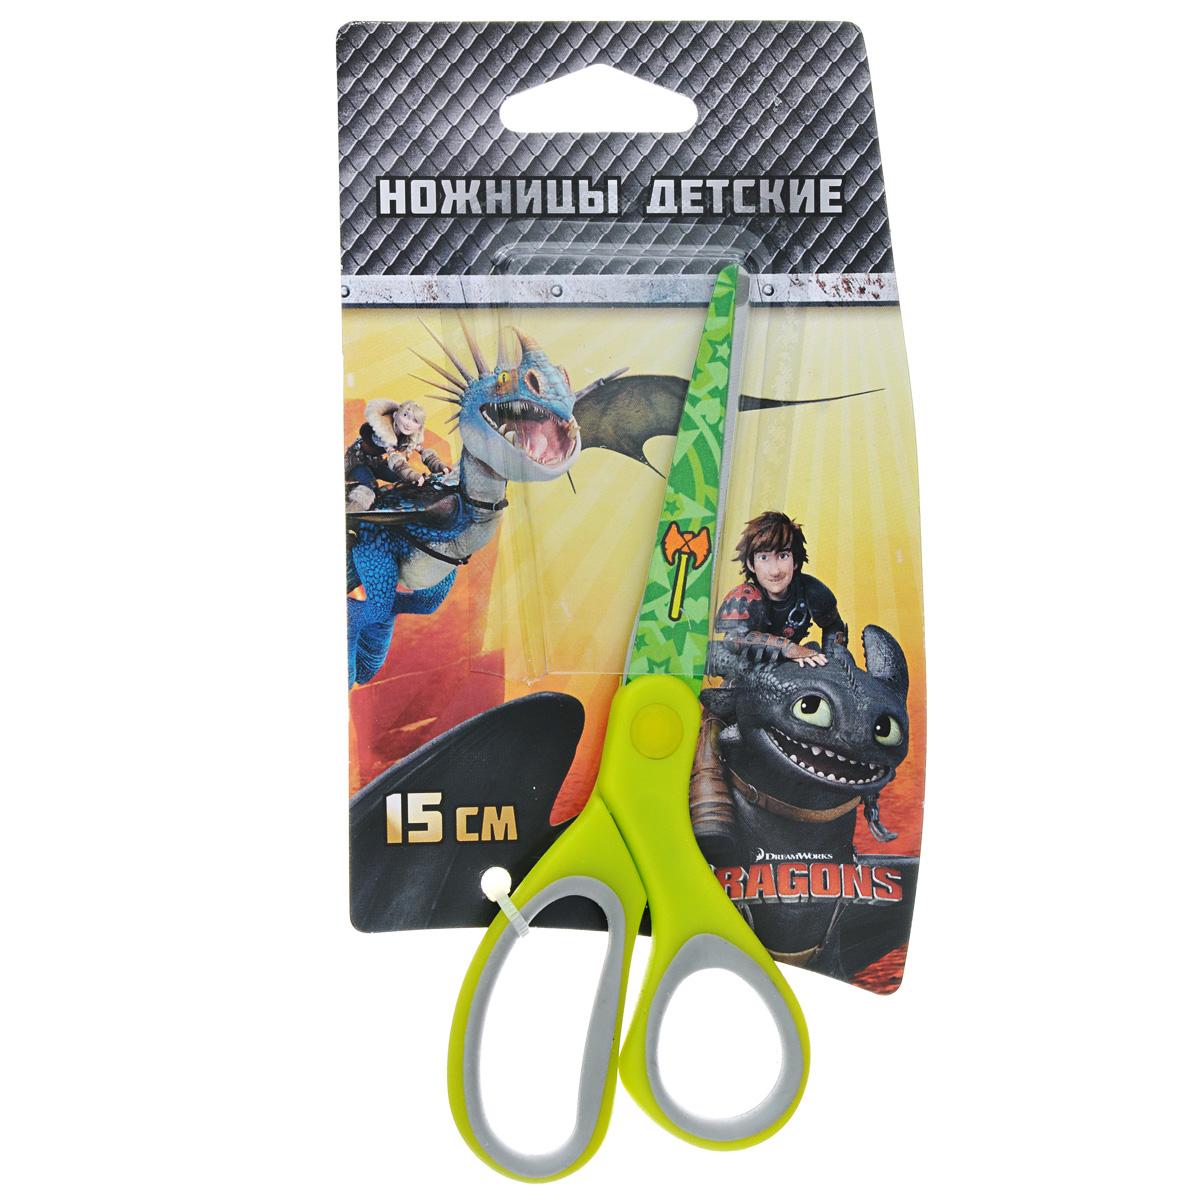 Ножницы детские Action Dragons, цвет: салатовый, 15 смC37329/DR-ASC265_салатовыйДетские ножницы Action Dragons с безопасными закругленными лезвиями изготовлены из высококачественной нержавеющей стали. Лезвия с наружной стороны оформлены декоративным рисунком. Облегченные ручки ножниц адаптированы для детской руки.Вашему ребенку будет настоящим удовольствием делать с ножницами Action Dragons различные аппликации из бумаги или других материалов.